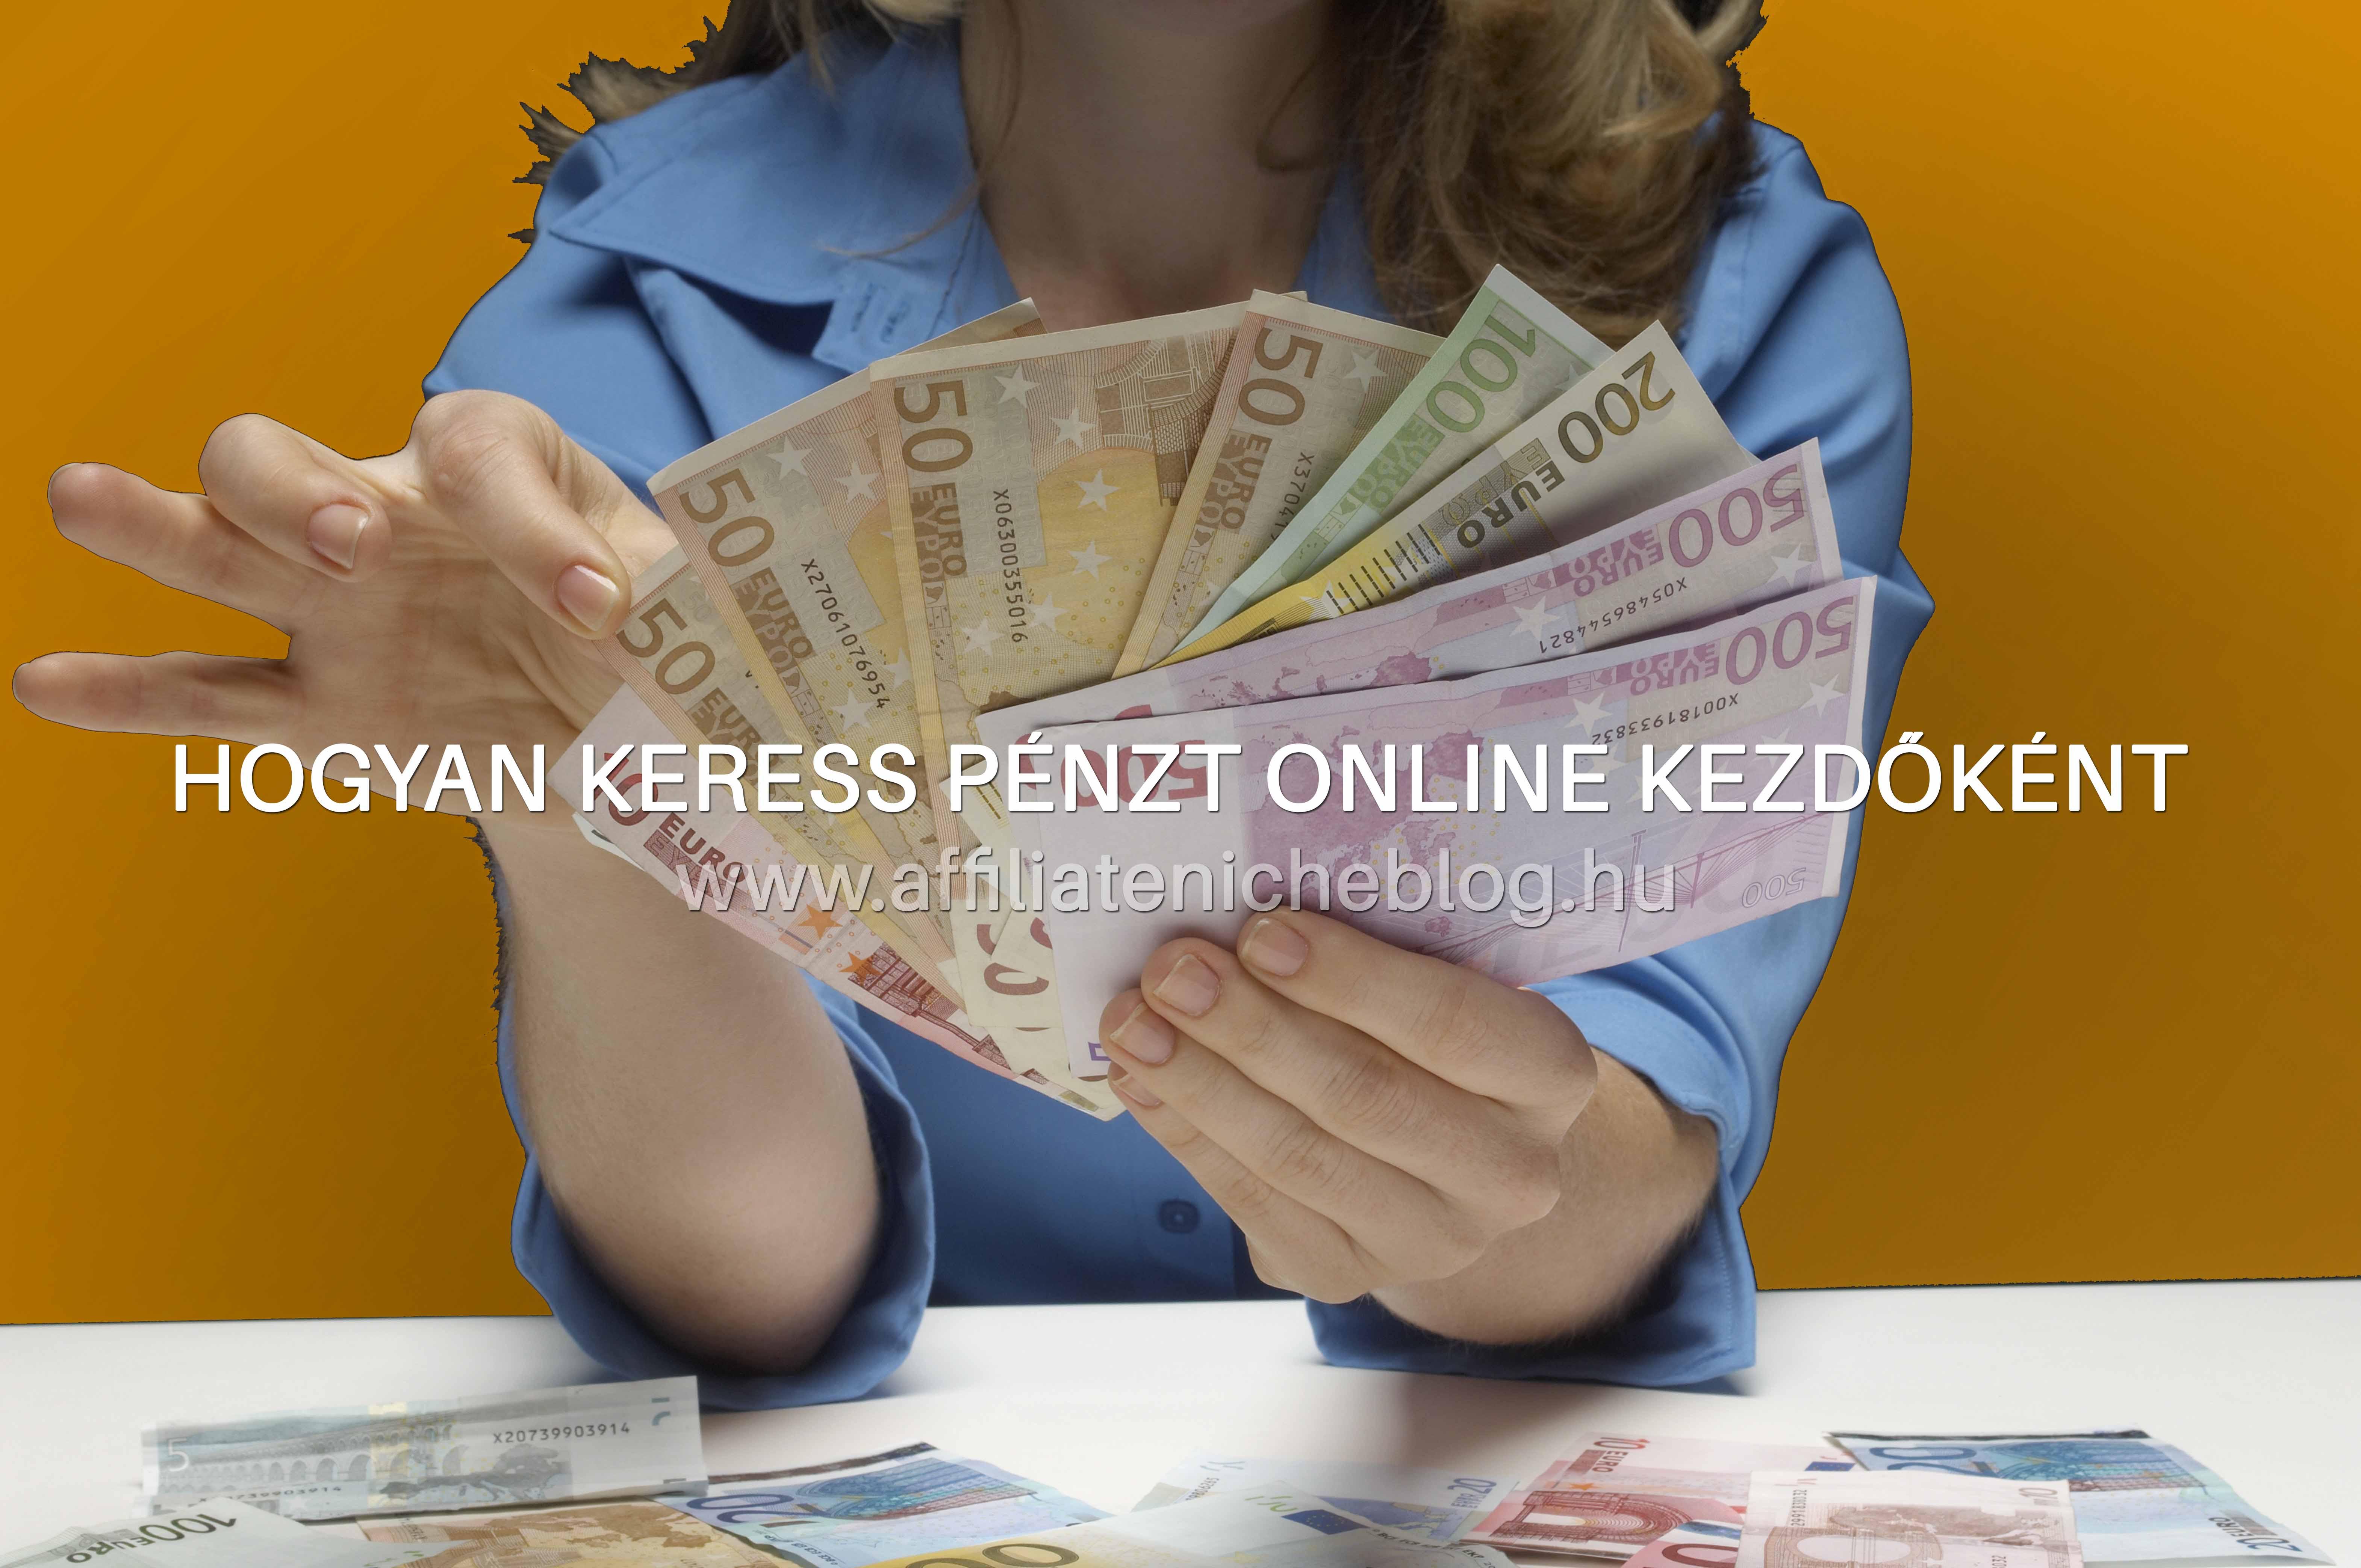 pénzt keresni az interneten as)